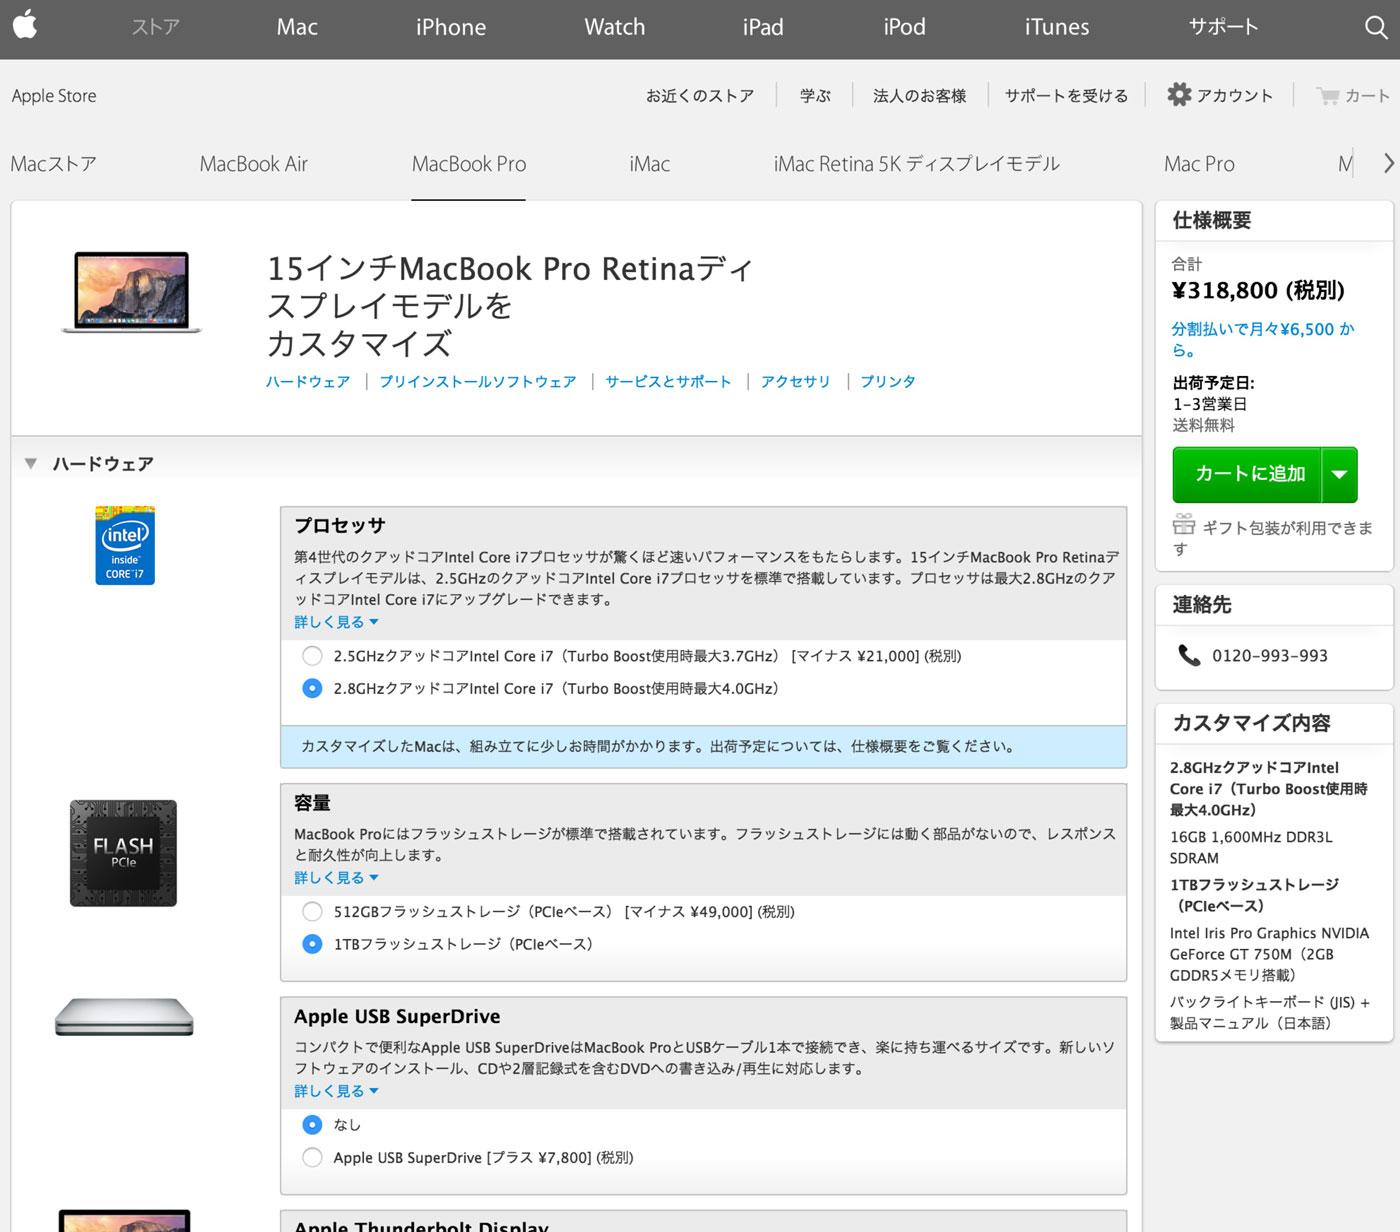 MacBook Pro Retinaディスプレイ(mid 2014)をカスタマイズするとこのお値段